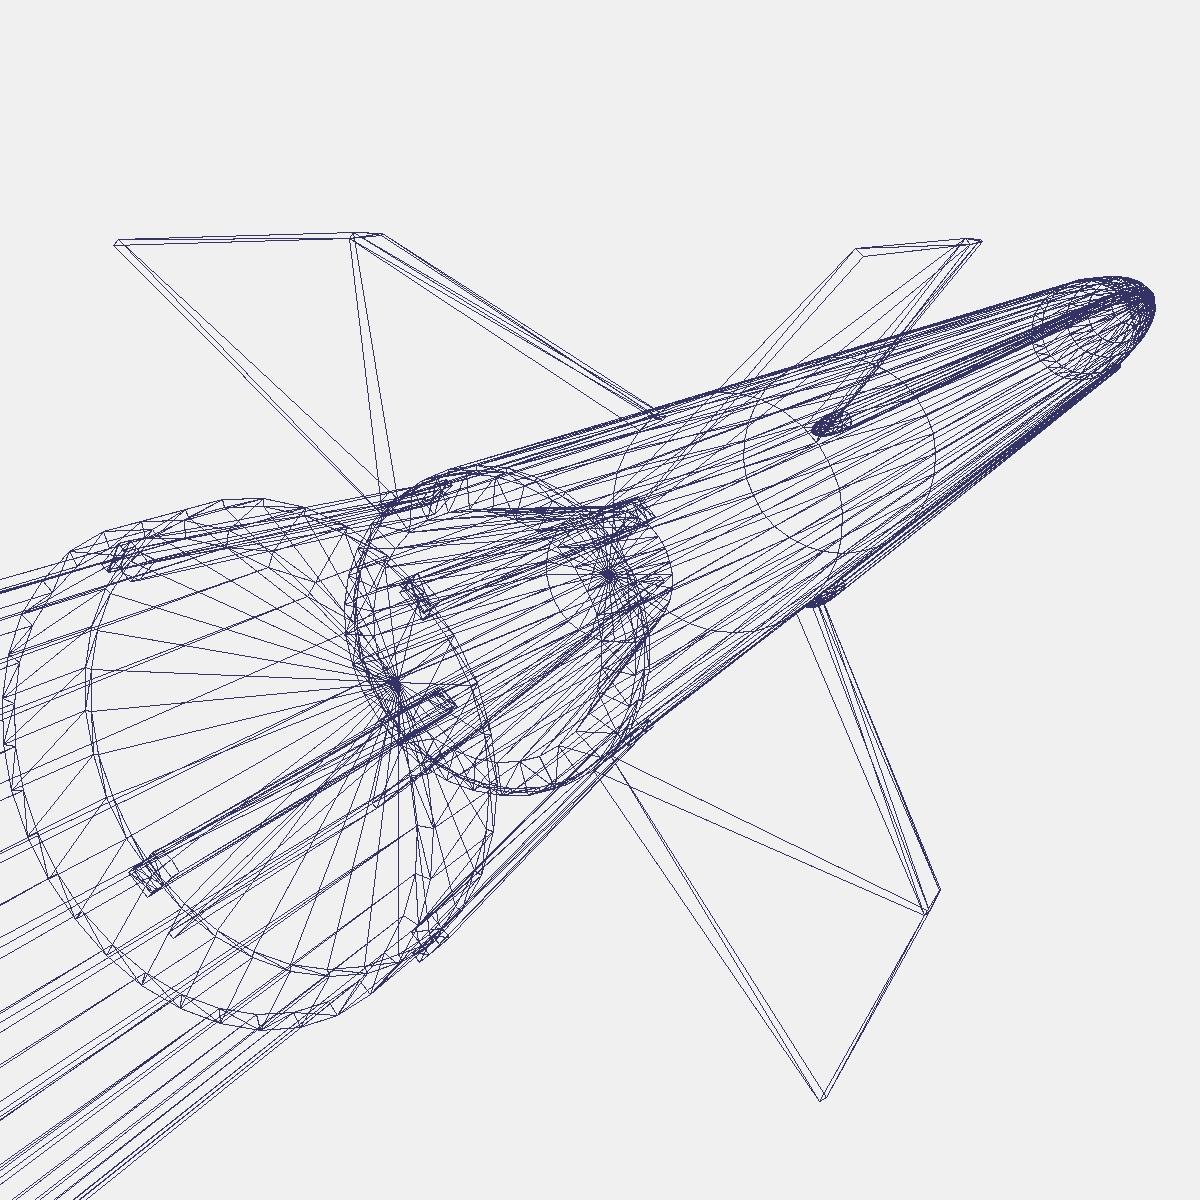 aerobee 170 raķete 3d modelis 3ds dxf fbx blend cob dae x obj 166052